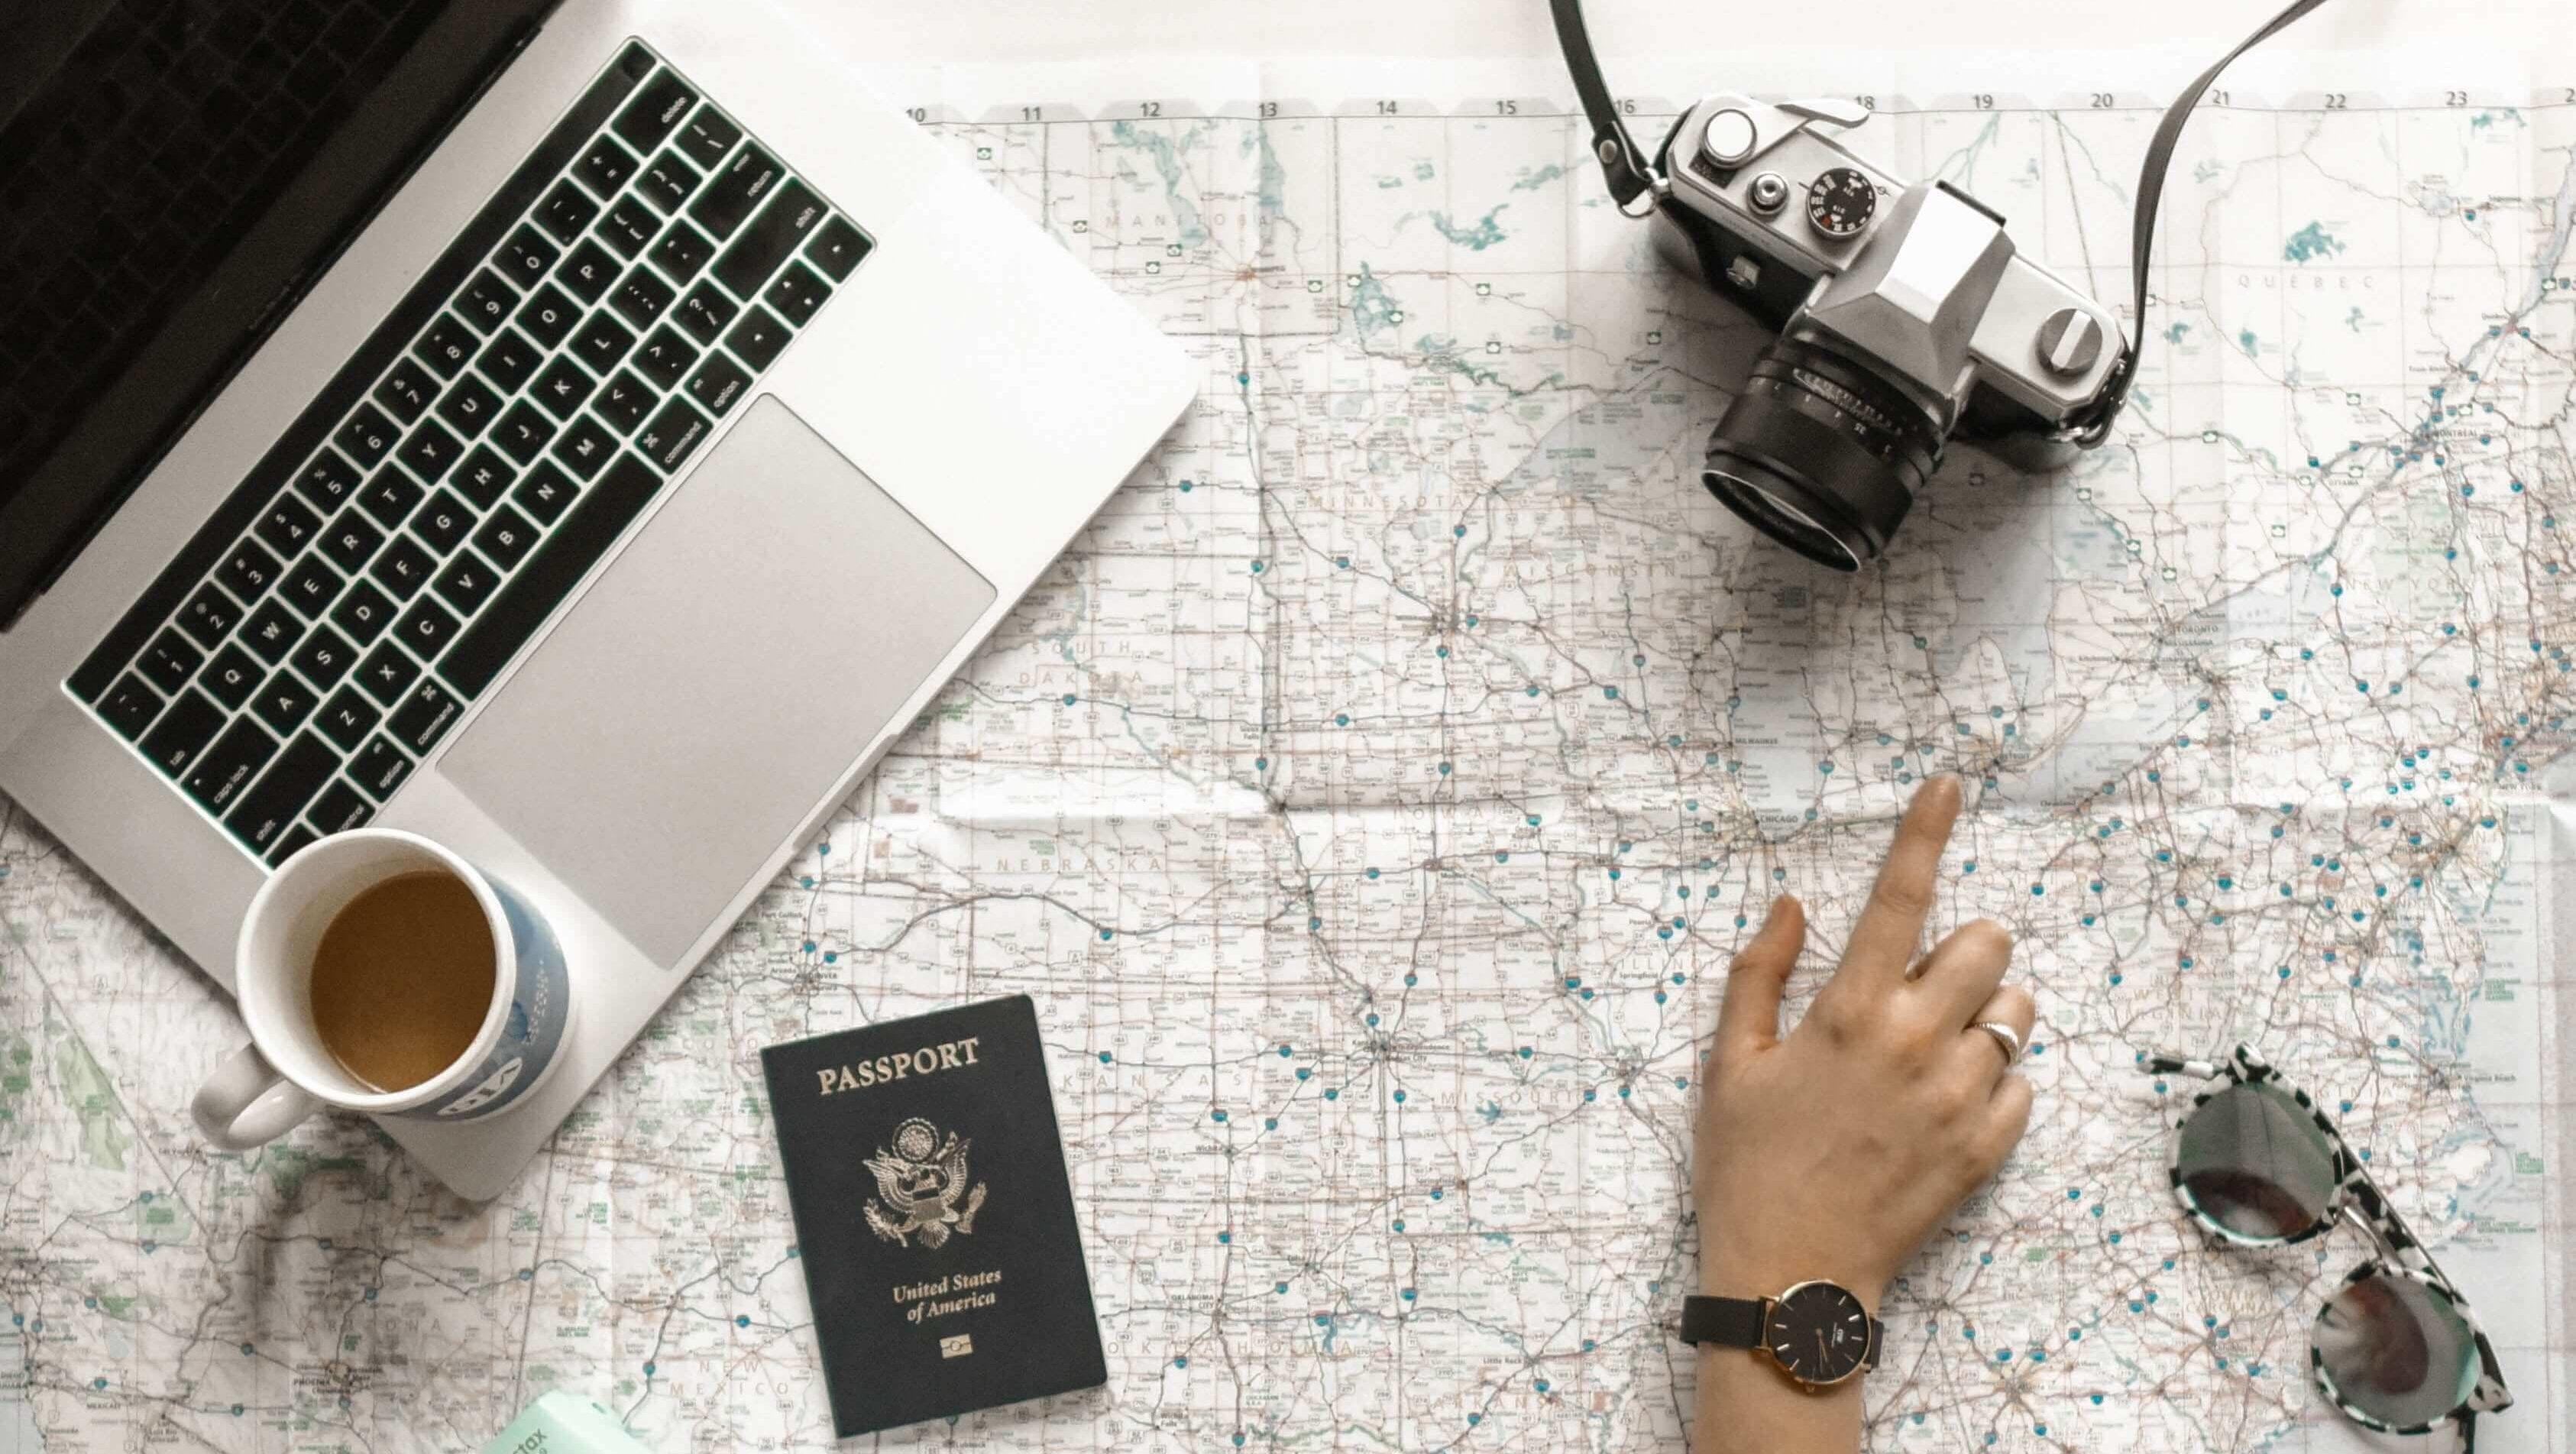 Vietnam Visa Online From Sweden